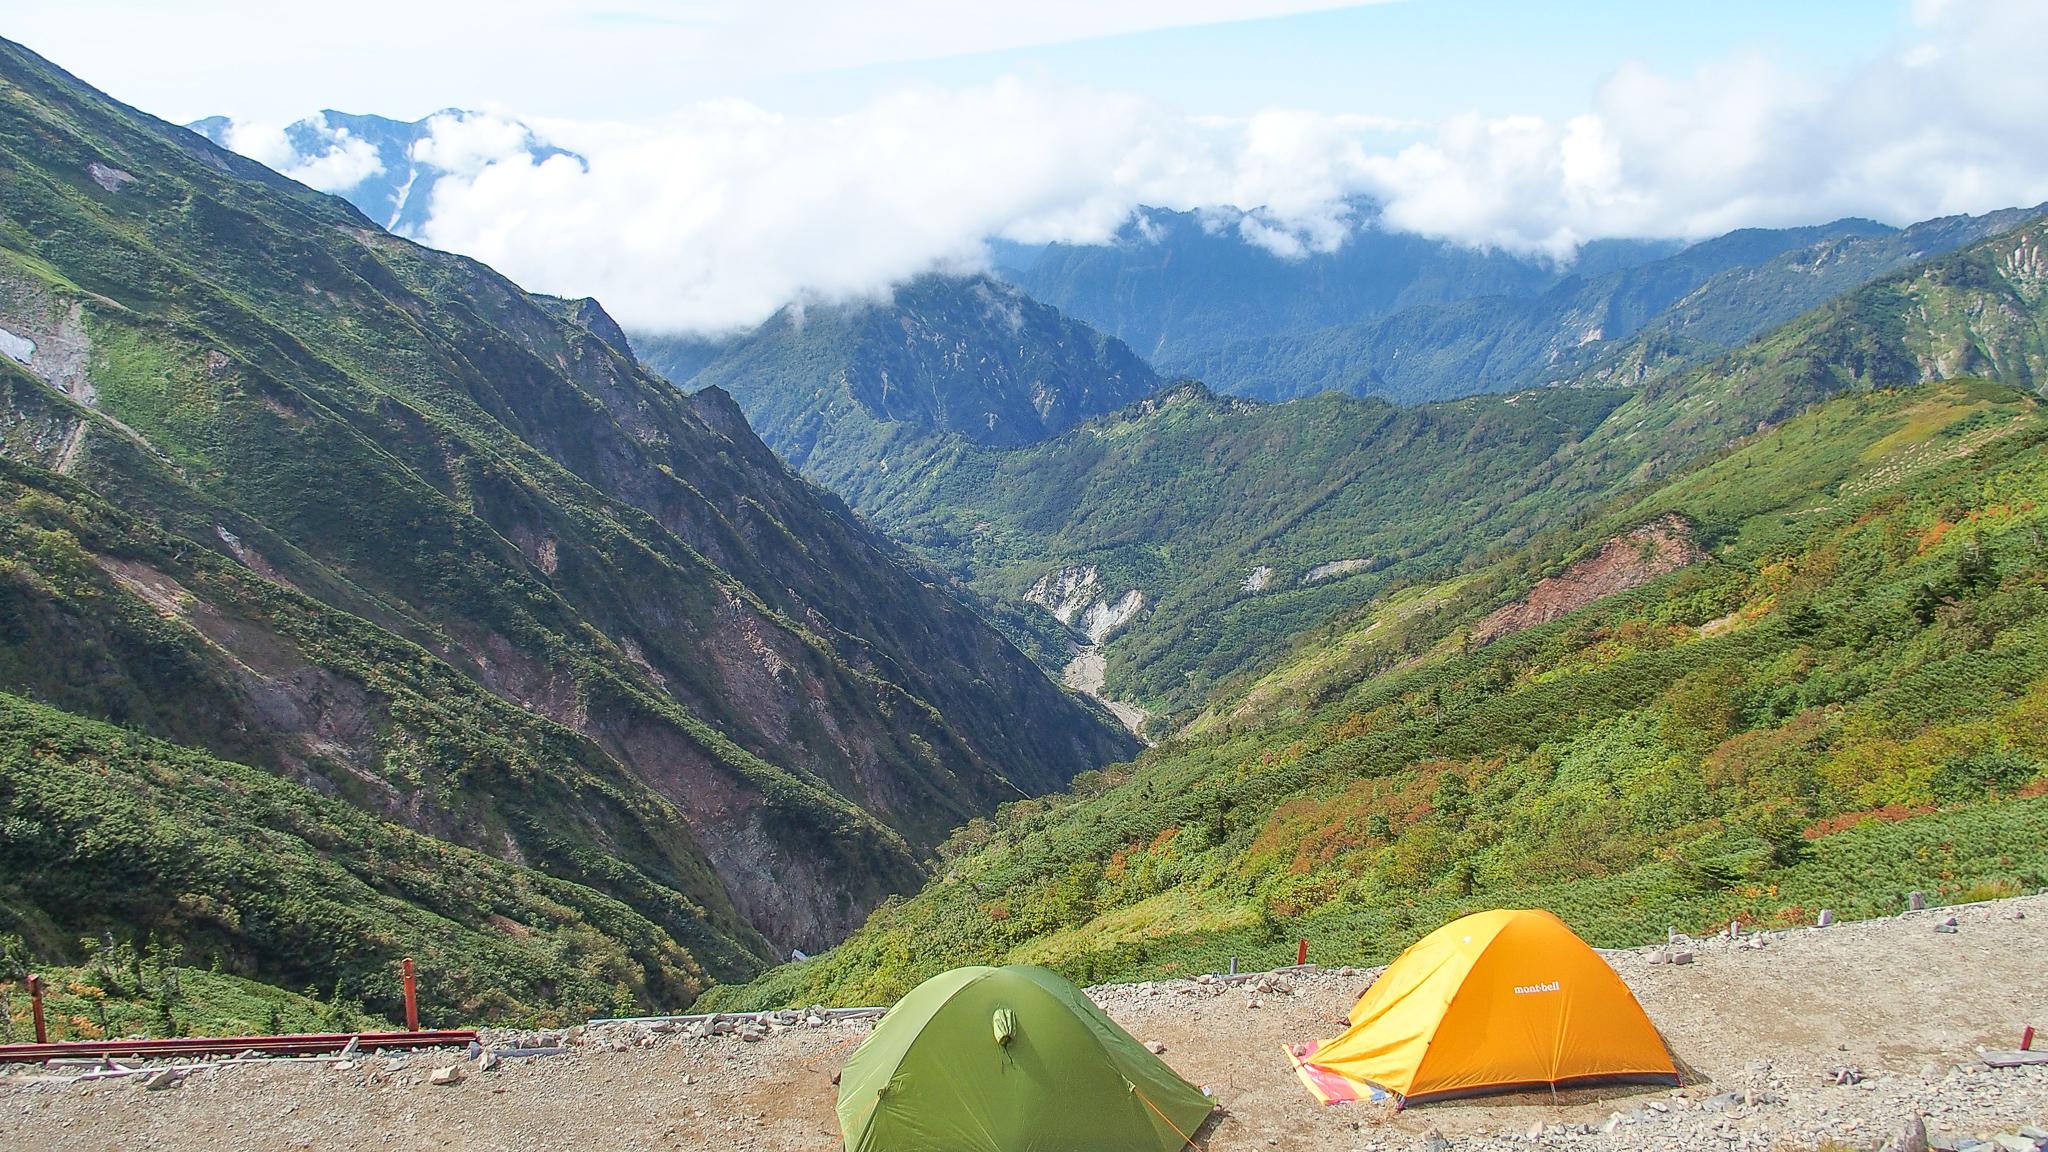 五竜岳のテント場2